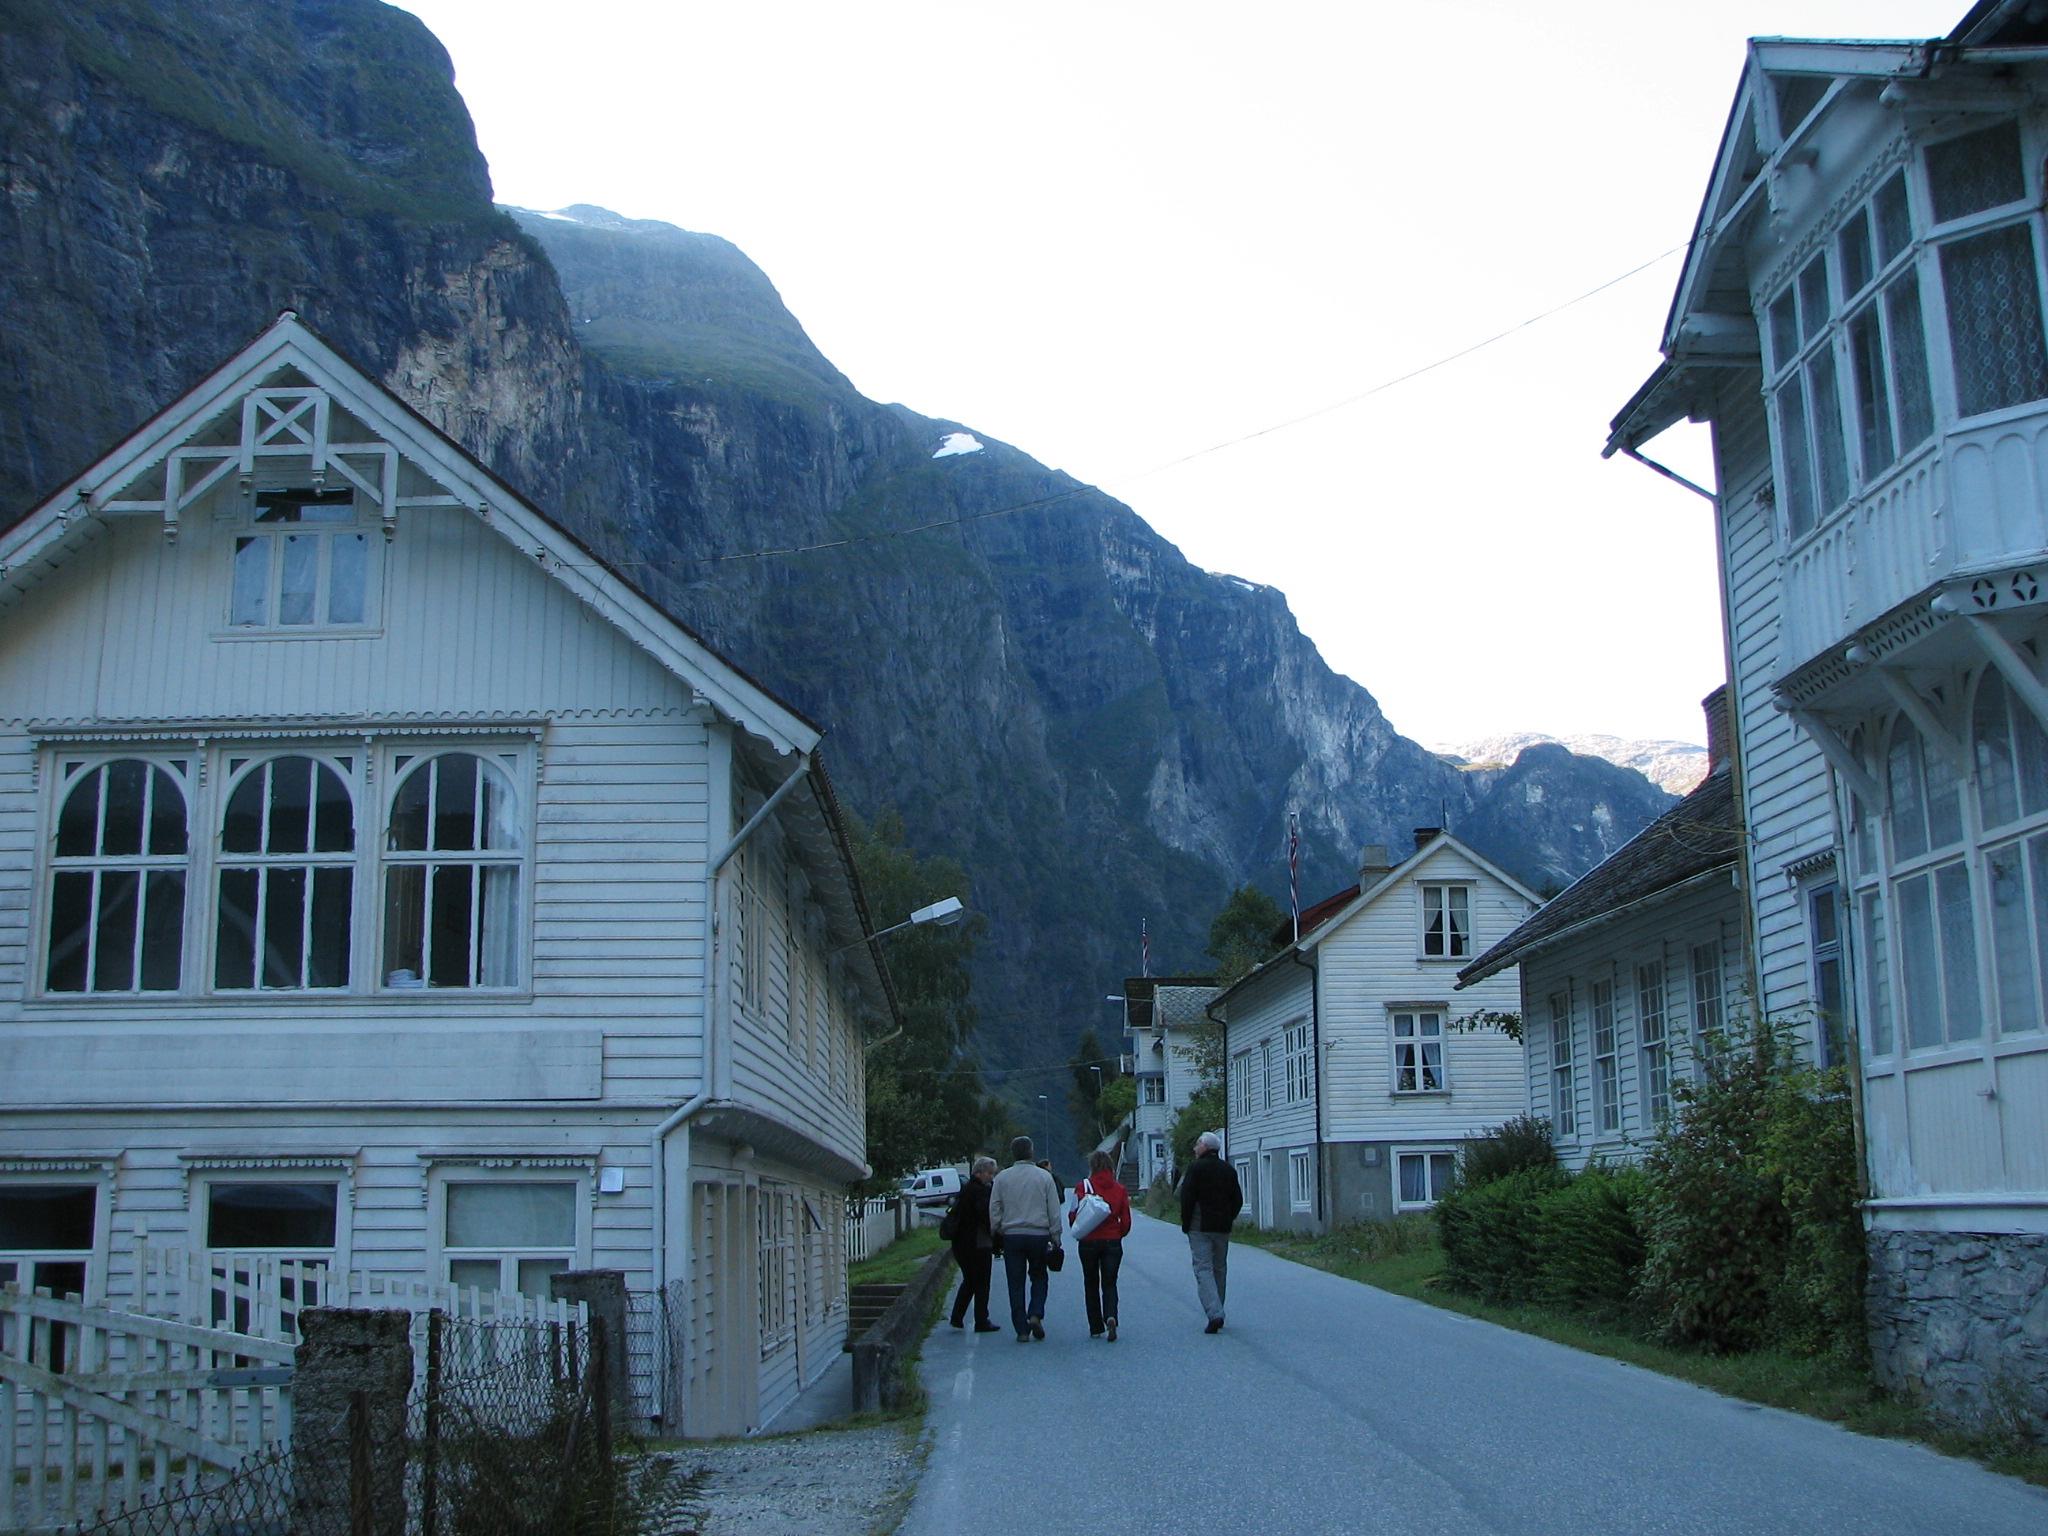 Main street, Gudvangen